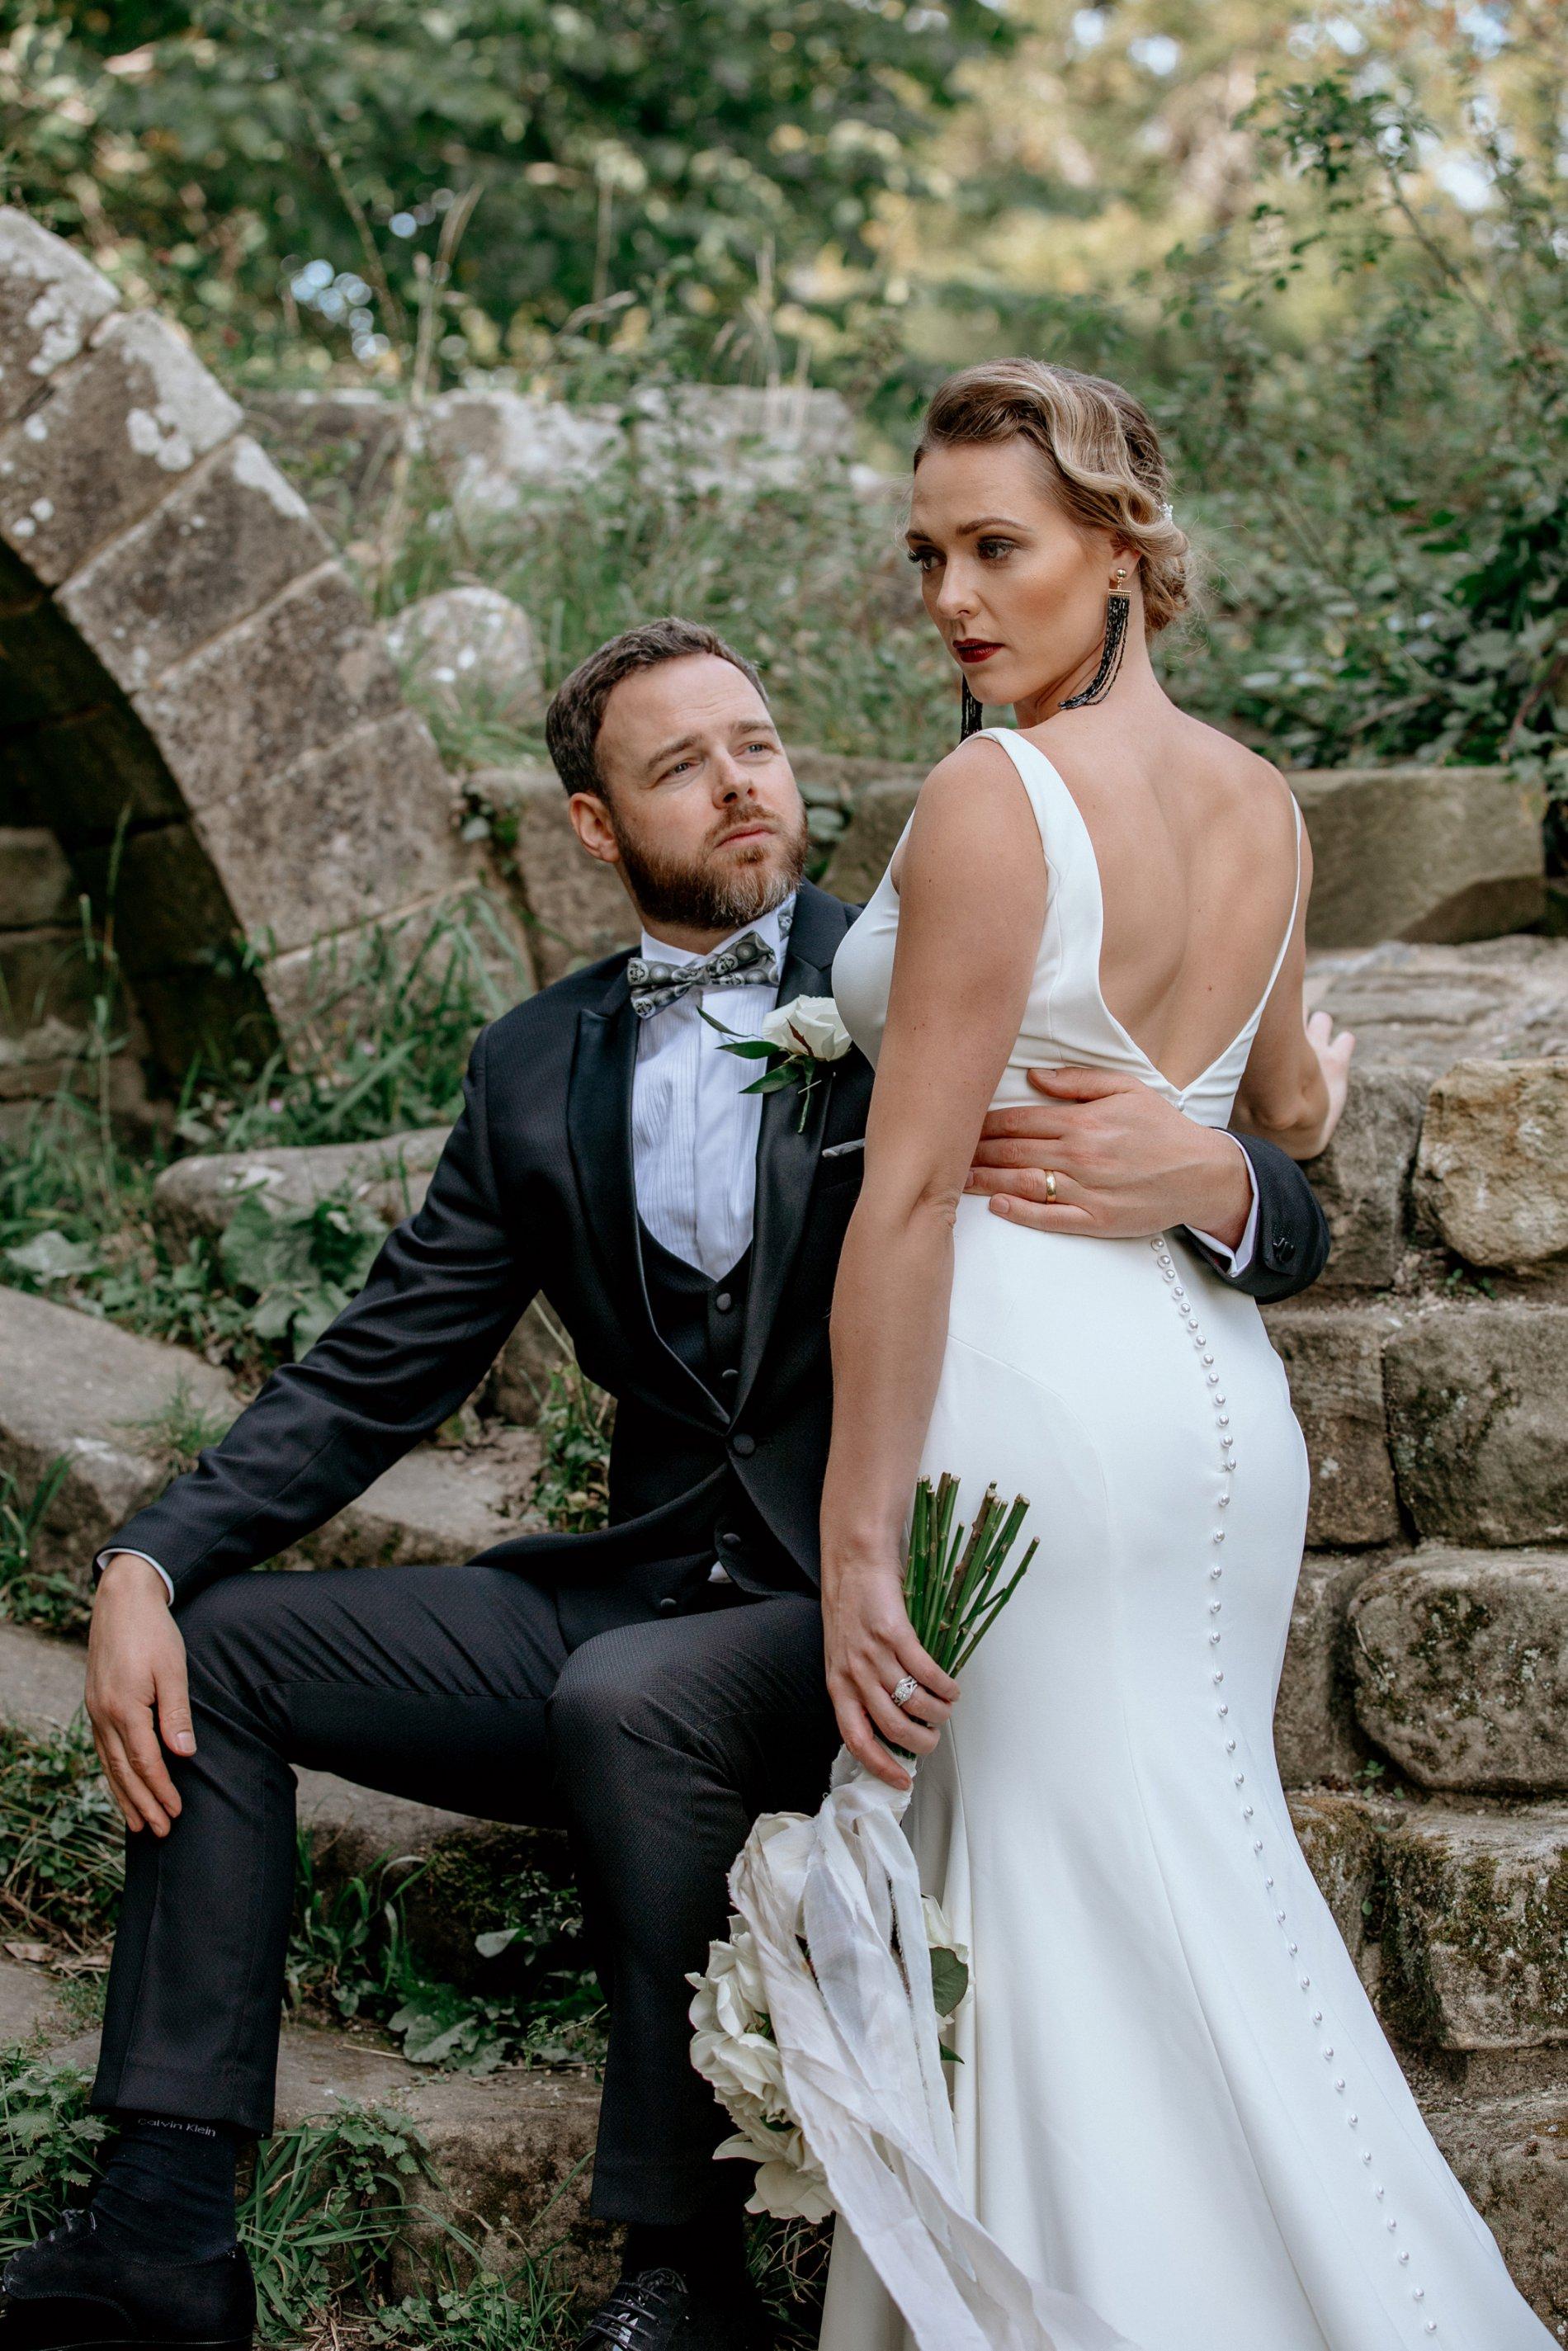 An Elegant Wedding Shoot at Jervaulx Abbey (c) Natalie Hamilton Photography (12)